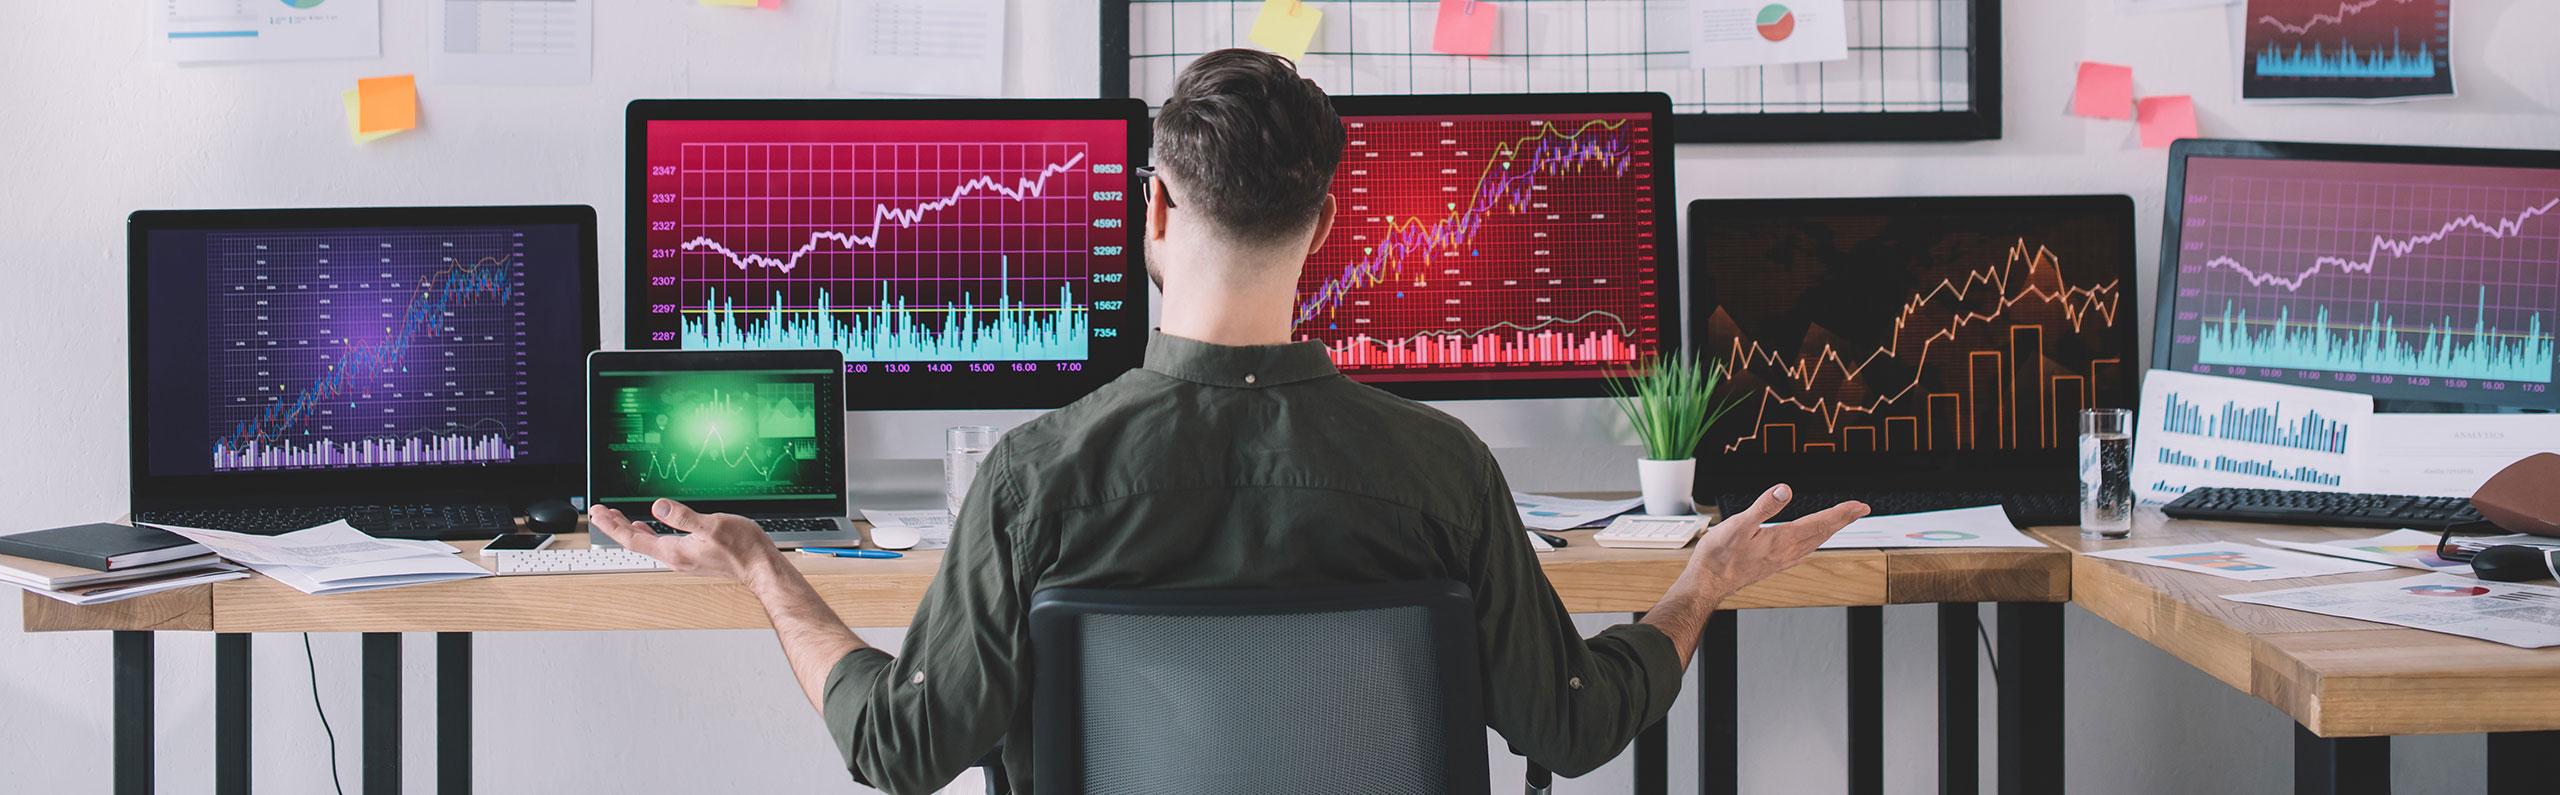 Datenanalyse - Data Analysis